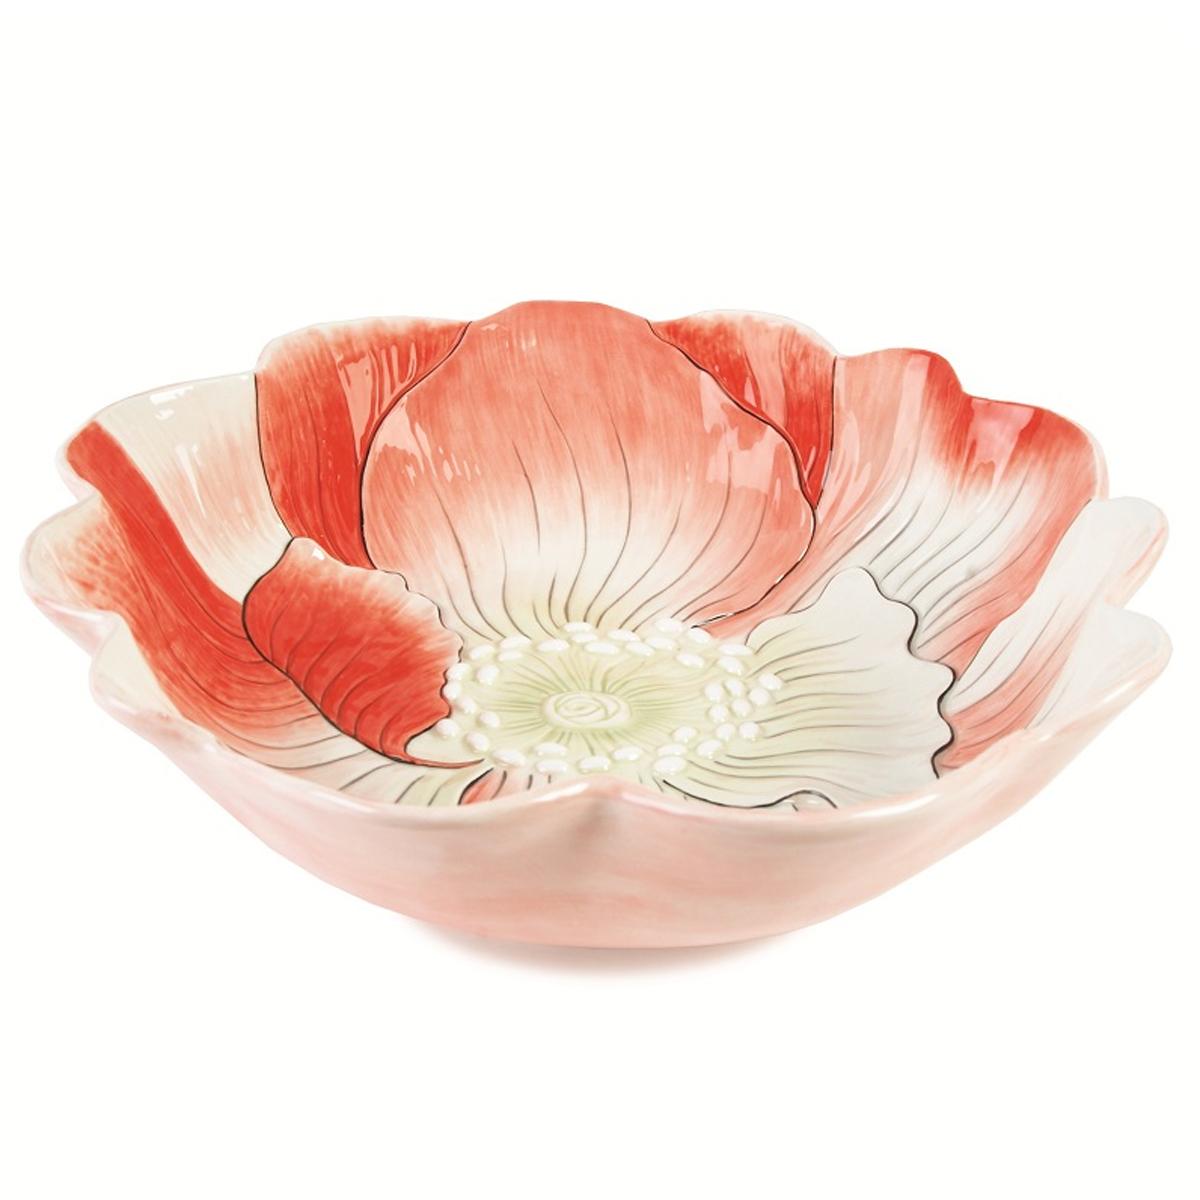 Блюдо Fitz and Floyd Гортензия, диаметр 39 см115510Блюдо Fitz and Floyd Гортензия изготовлено из высококачественной керамики и выполнено в виде цветка. Такое оригинальное блюдо идеально подойдет для красивой сервировки стола.Рекомендуется мыть вручную с использованием неабразивных моющих средств.Размер блюда: 39 см х 39 см х 10,5 см.